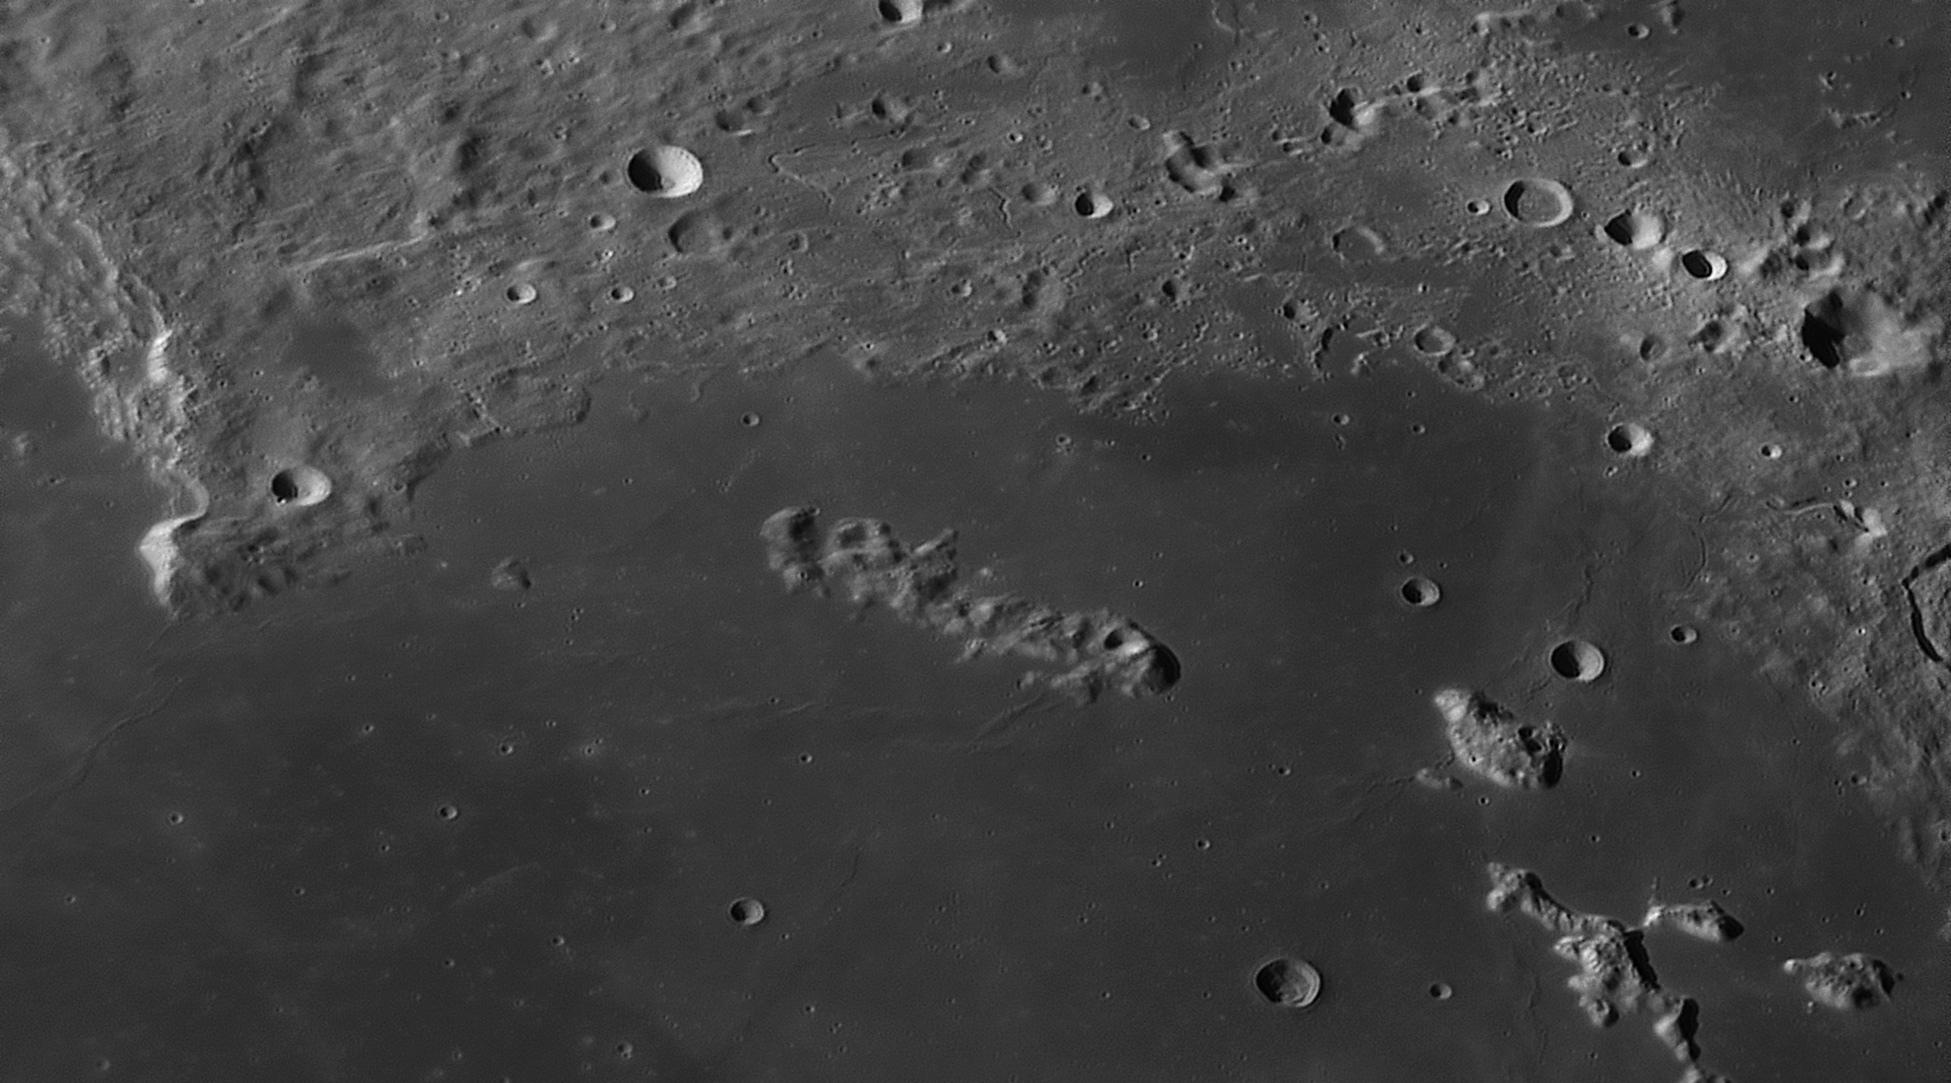 Lune  le 23/07/2019 BASTIA C14 ASI290 Barlow 2X Clave Filtre ROUGE : MONTS RECTI